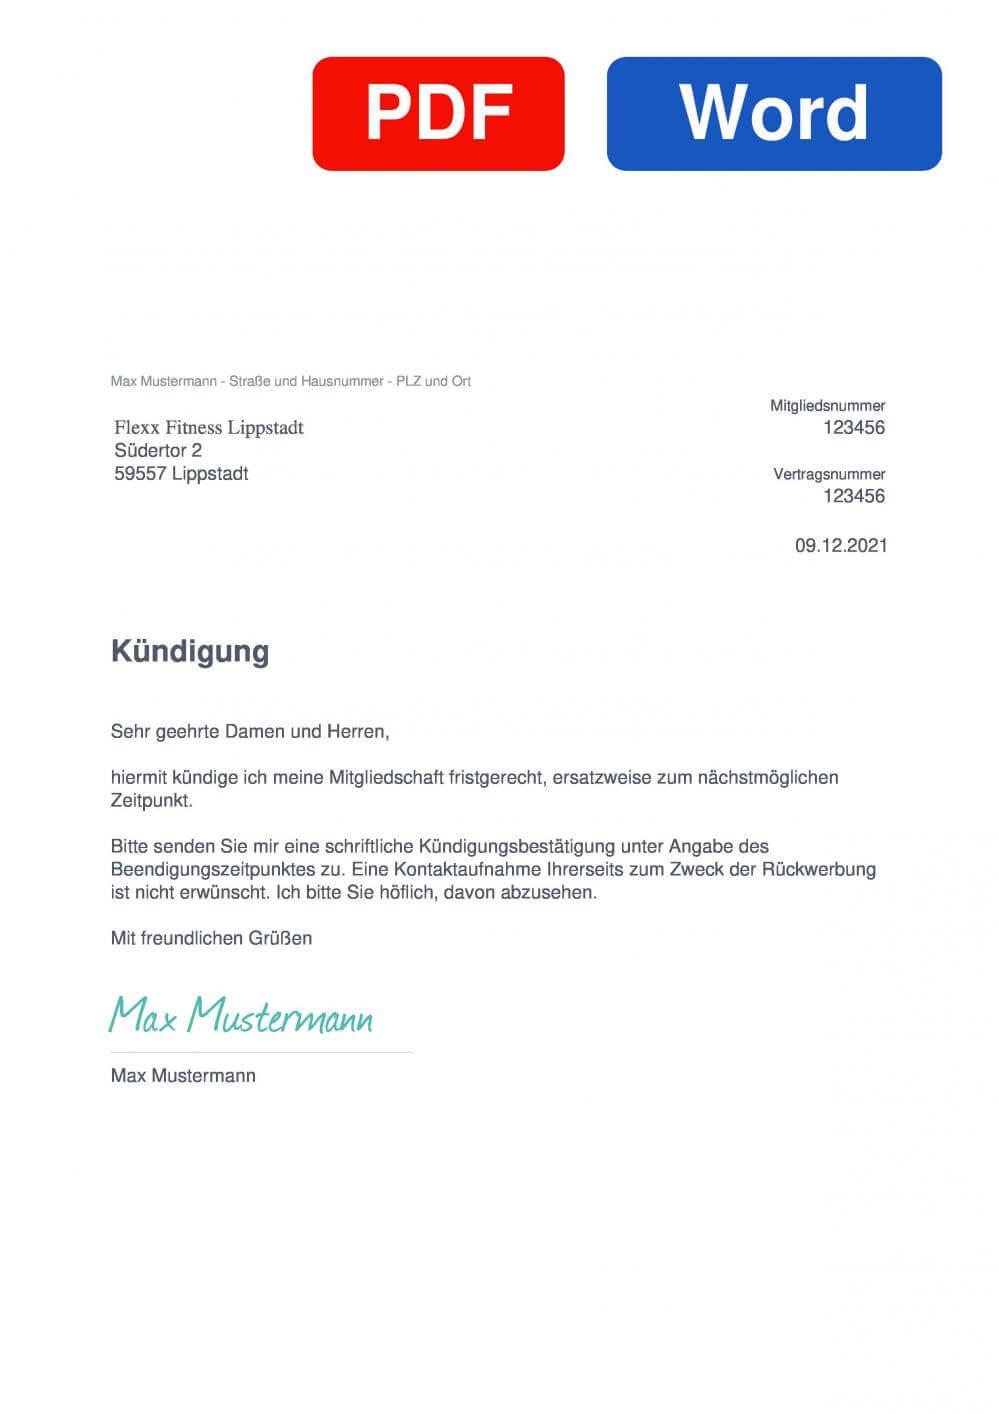 Flexx Fitness Lippstadt Muster Vorlage für Kündigungsschreiben